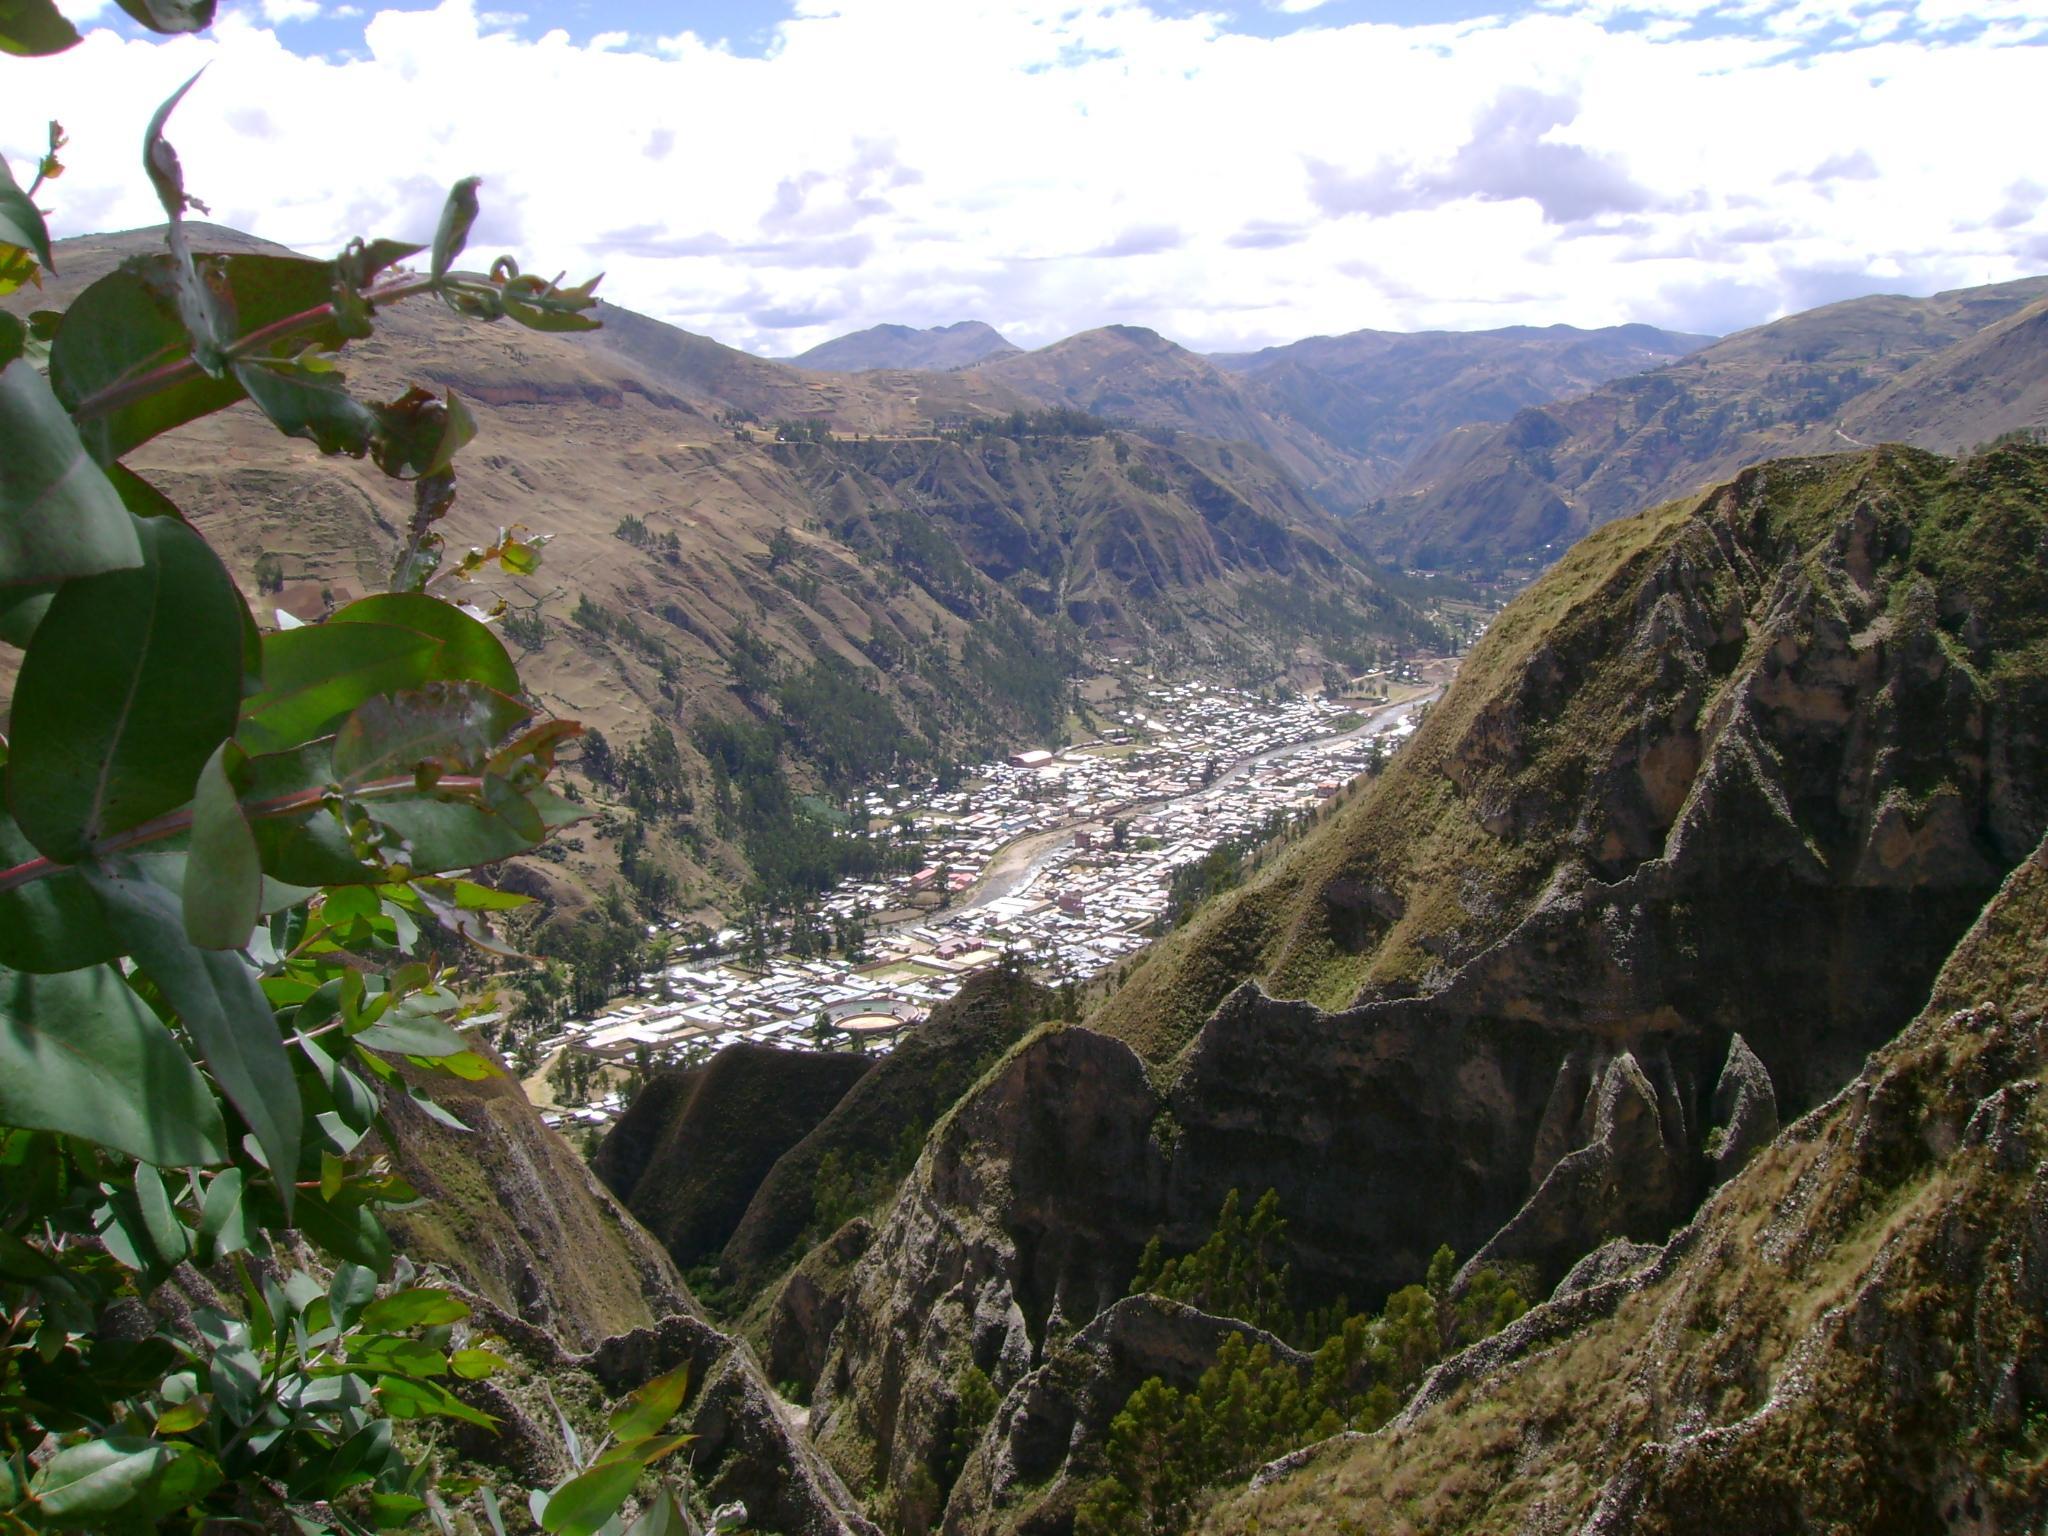 Peru - Page 2 La_Uni%C3%B3n-Dos_de_Mayo-Hu%C3%A1nuco-Per%C3%BA